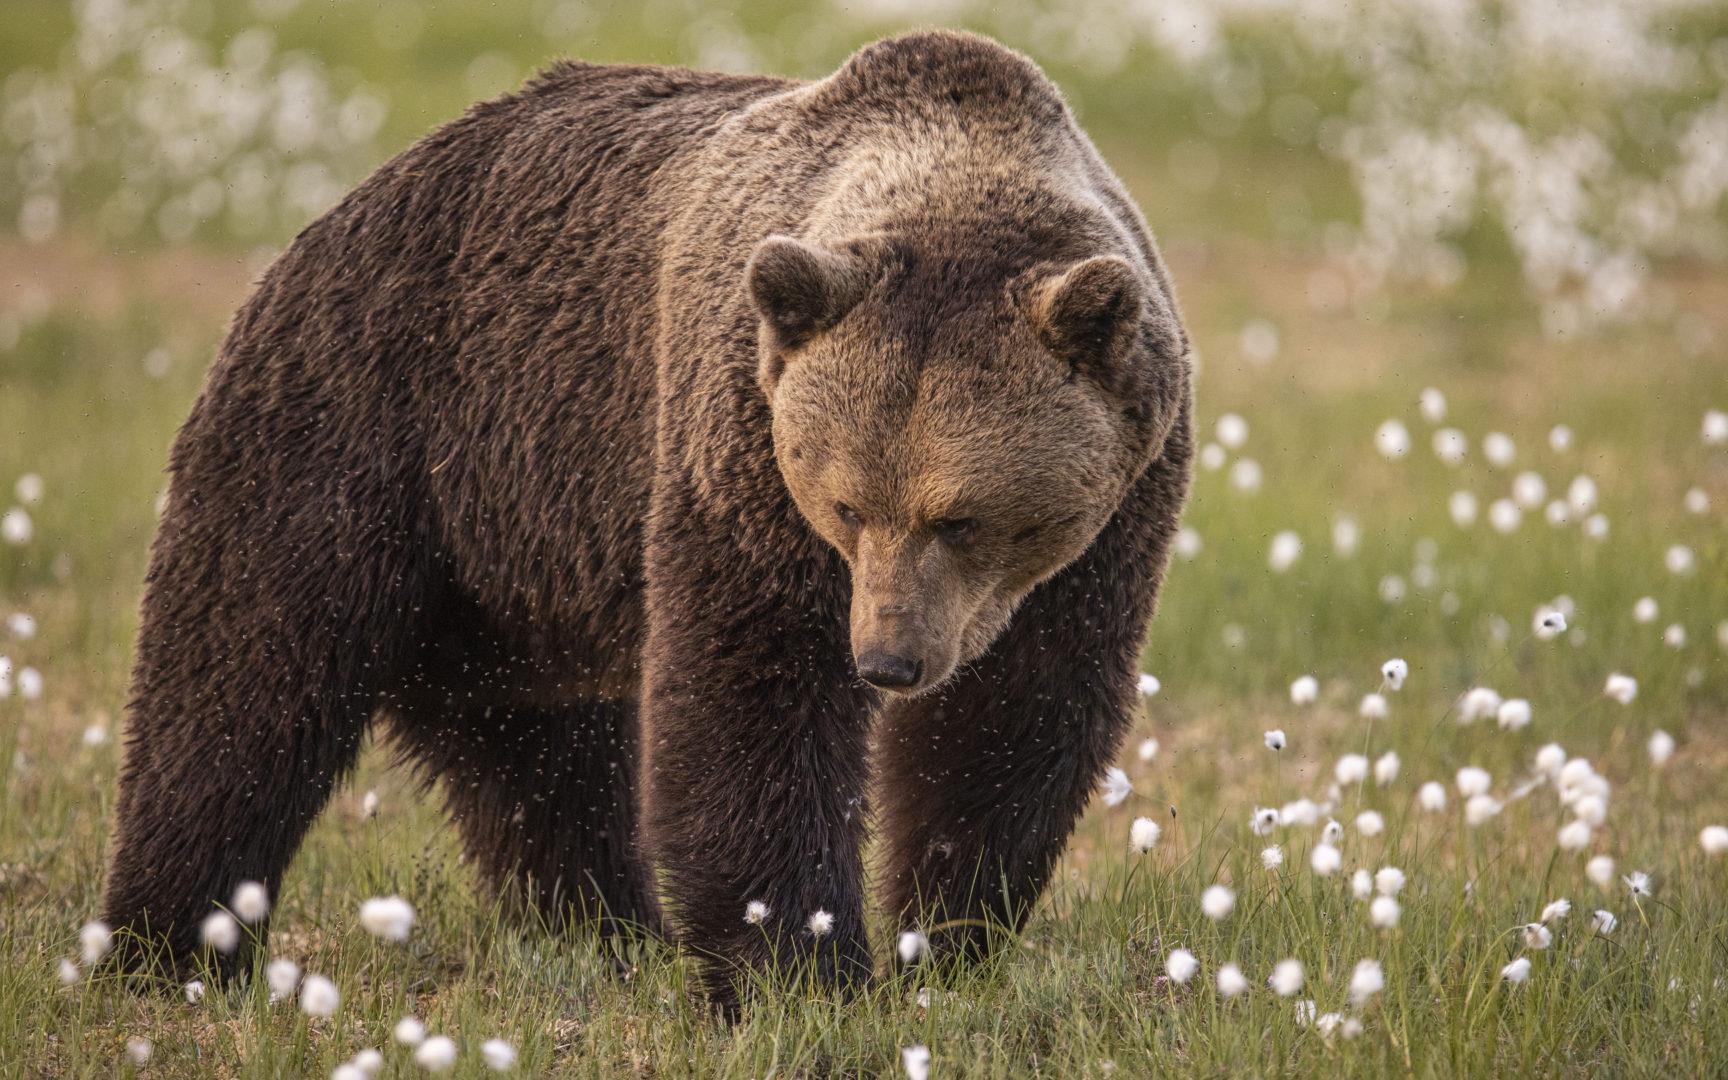 Luontokuvaus palkitsee karhujen mailla